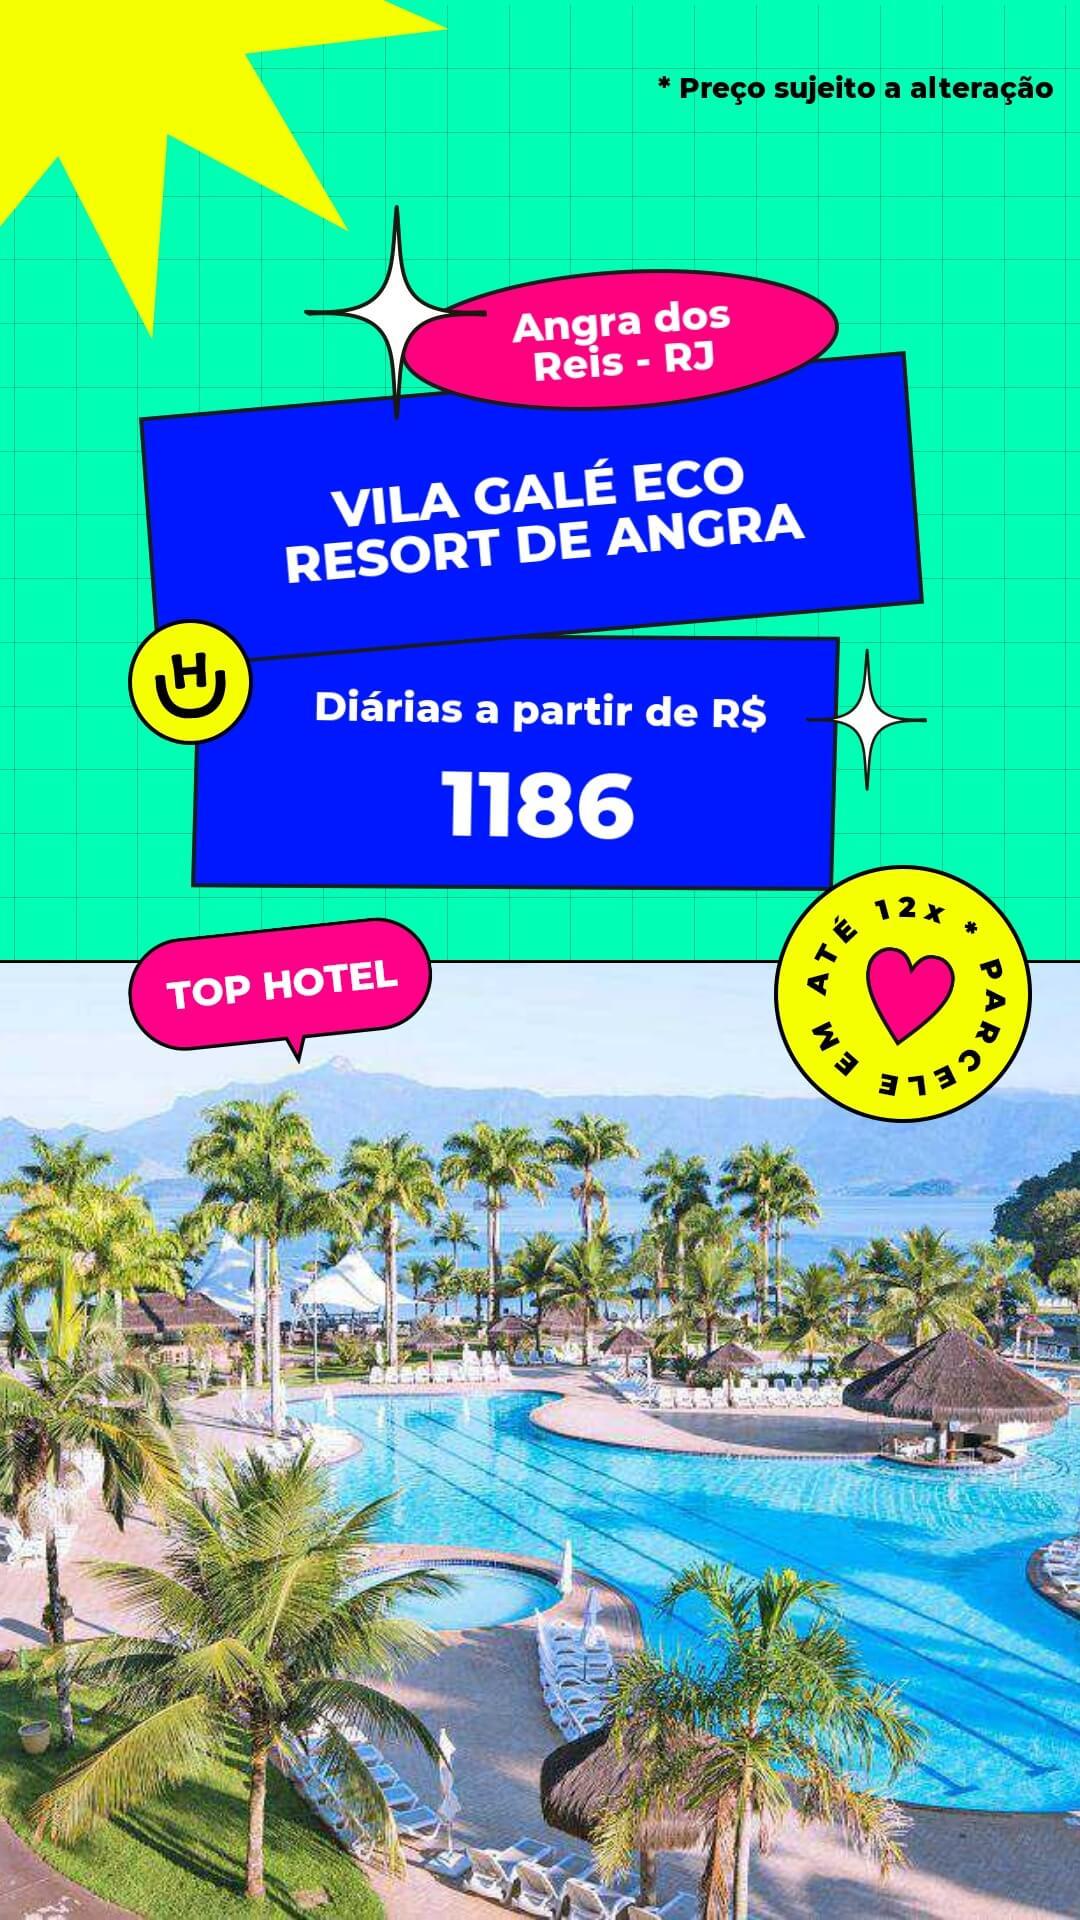 vila gale eco resort de angra conference e spa